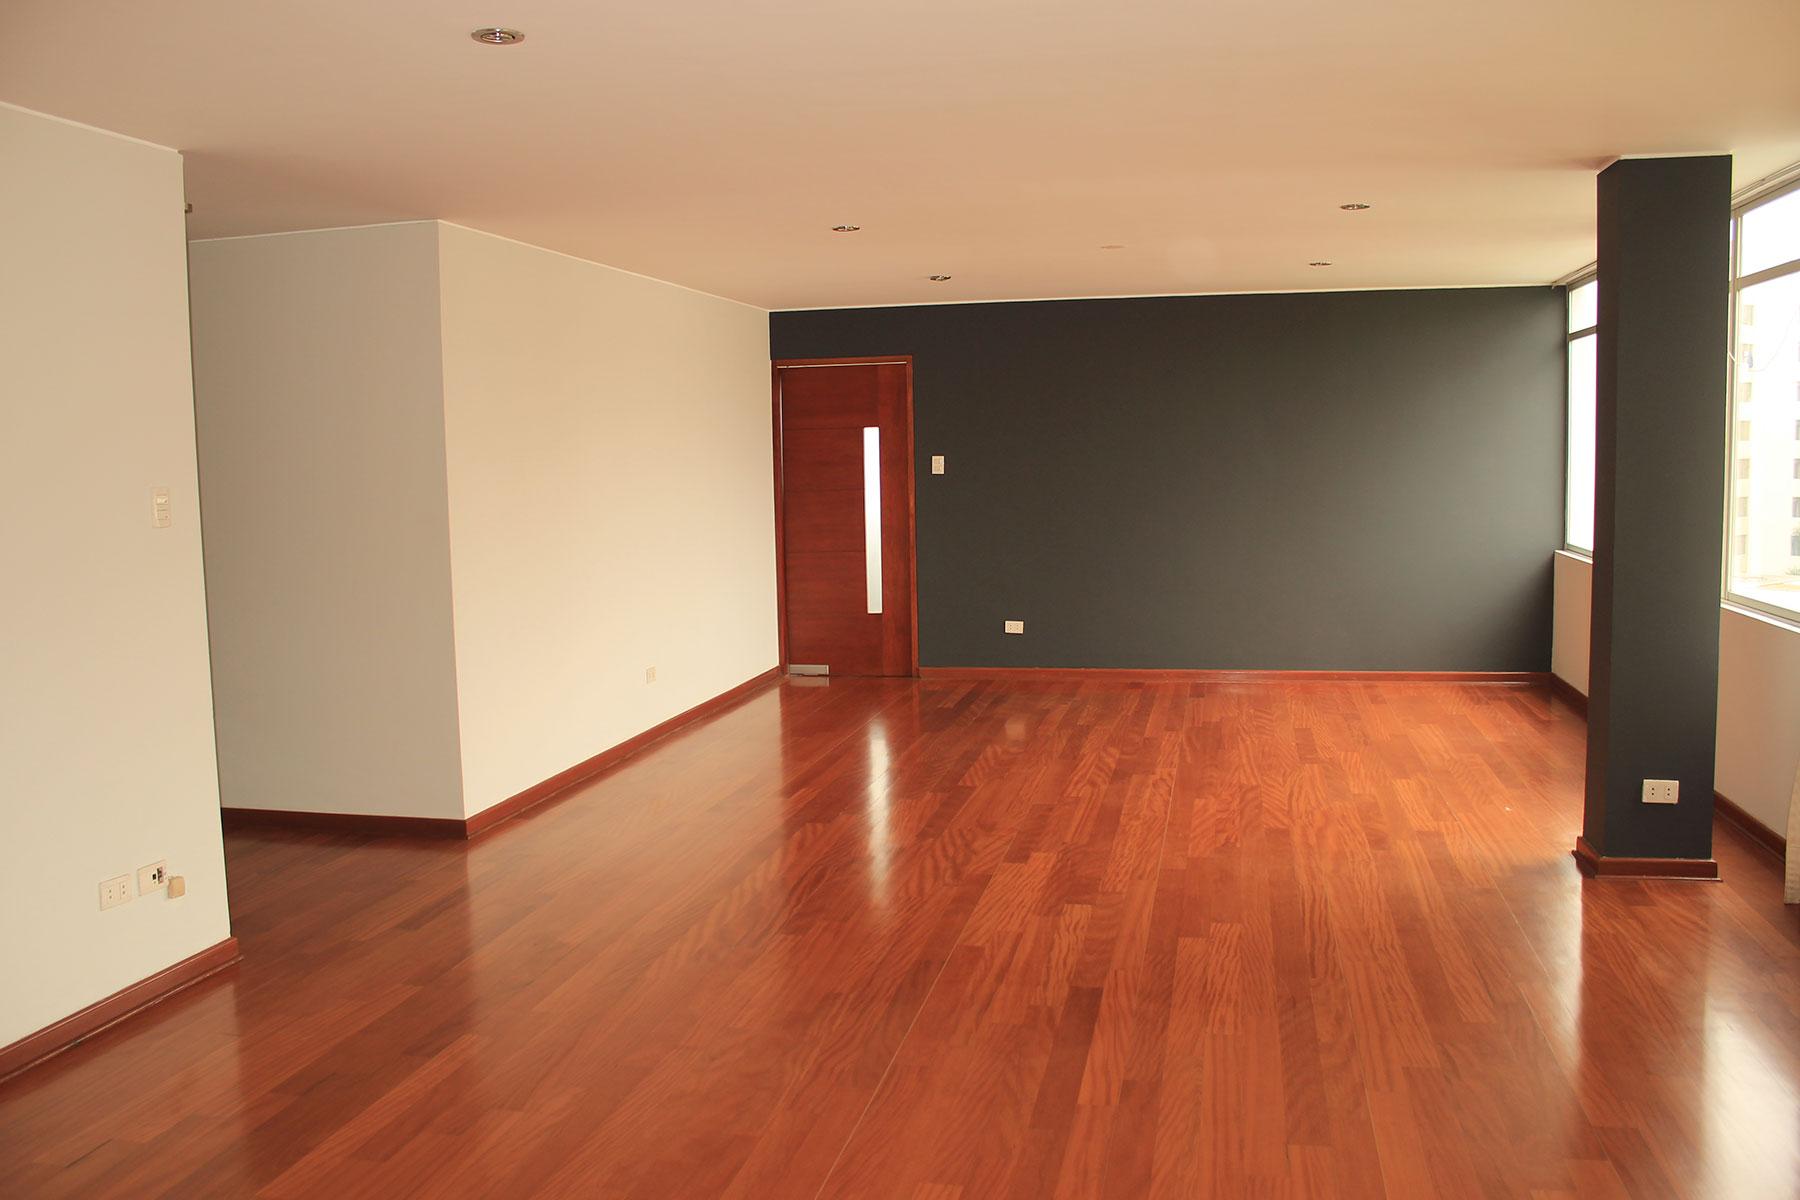 Apartment for Sale at Excelente departamento remodelado con amplios ambientes Calle Los Casataños San Isidro, Lima, 27 Peru